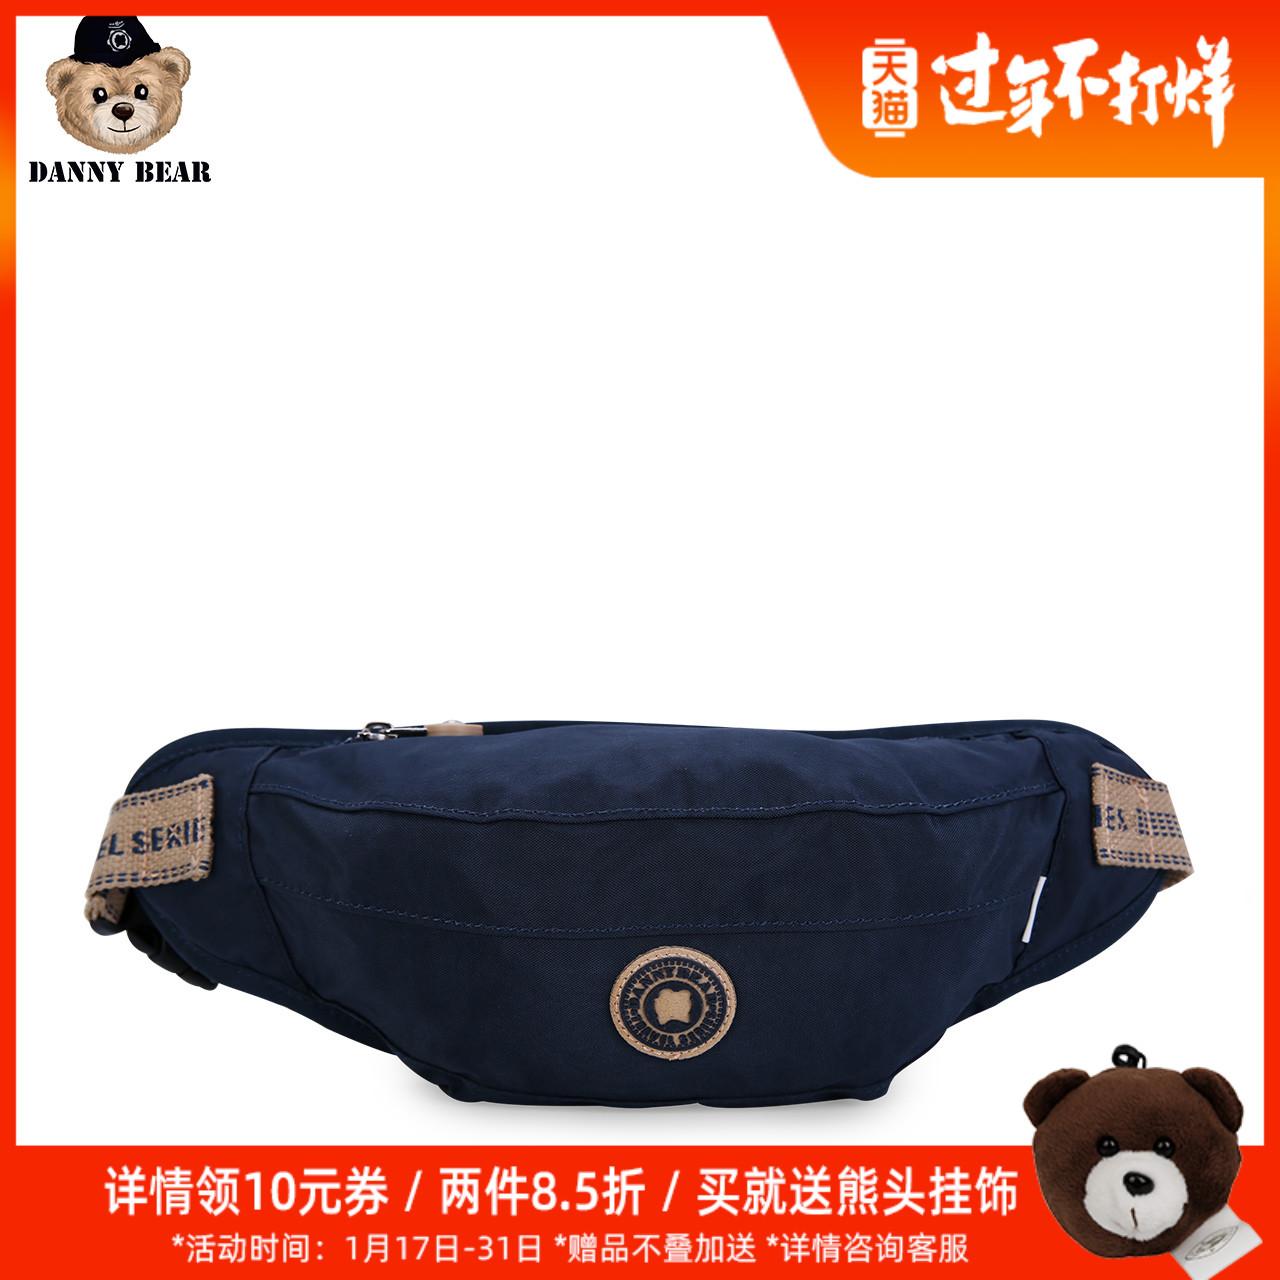 丹尼熊新品腰包多功能斜挎包男女 轻便户外休闲运动风DMDB9118003